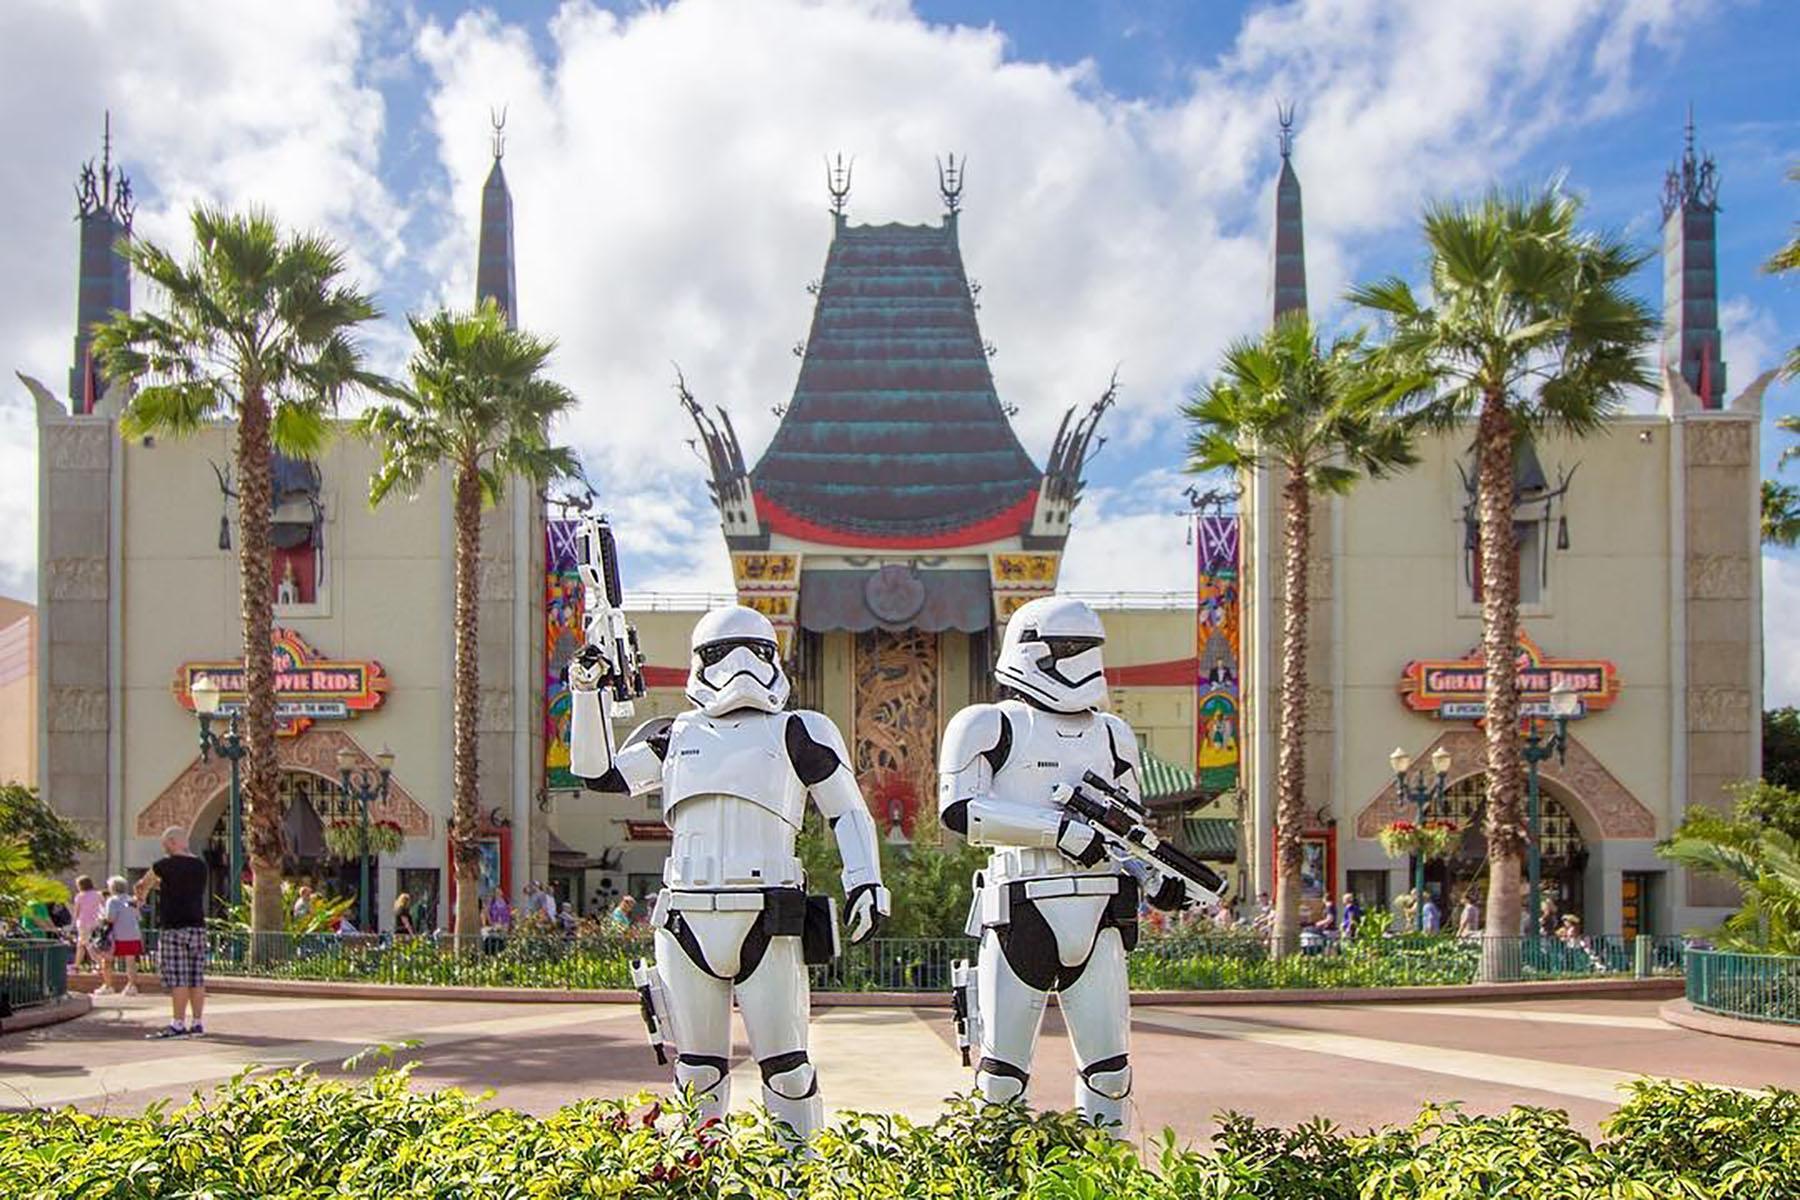 Storm Troopers patrol Disney's Hollywood Studios